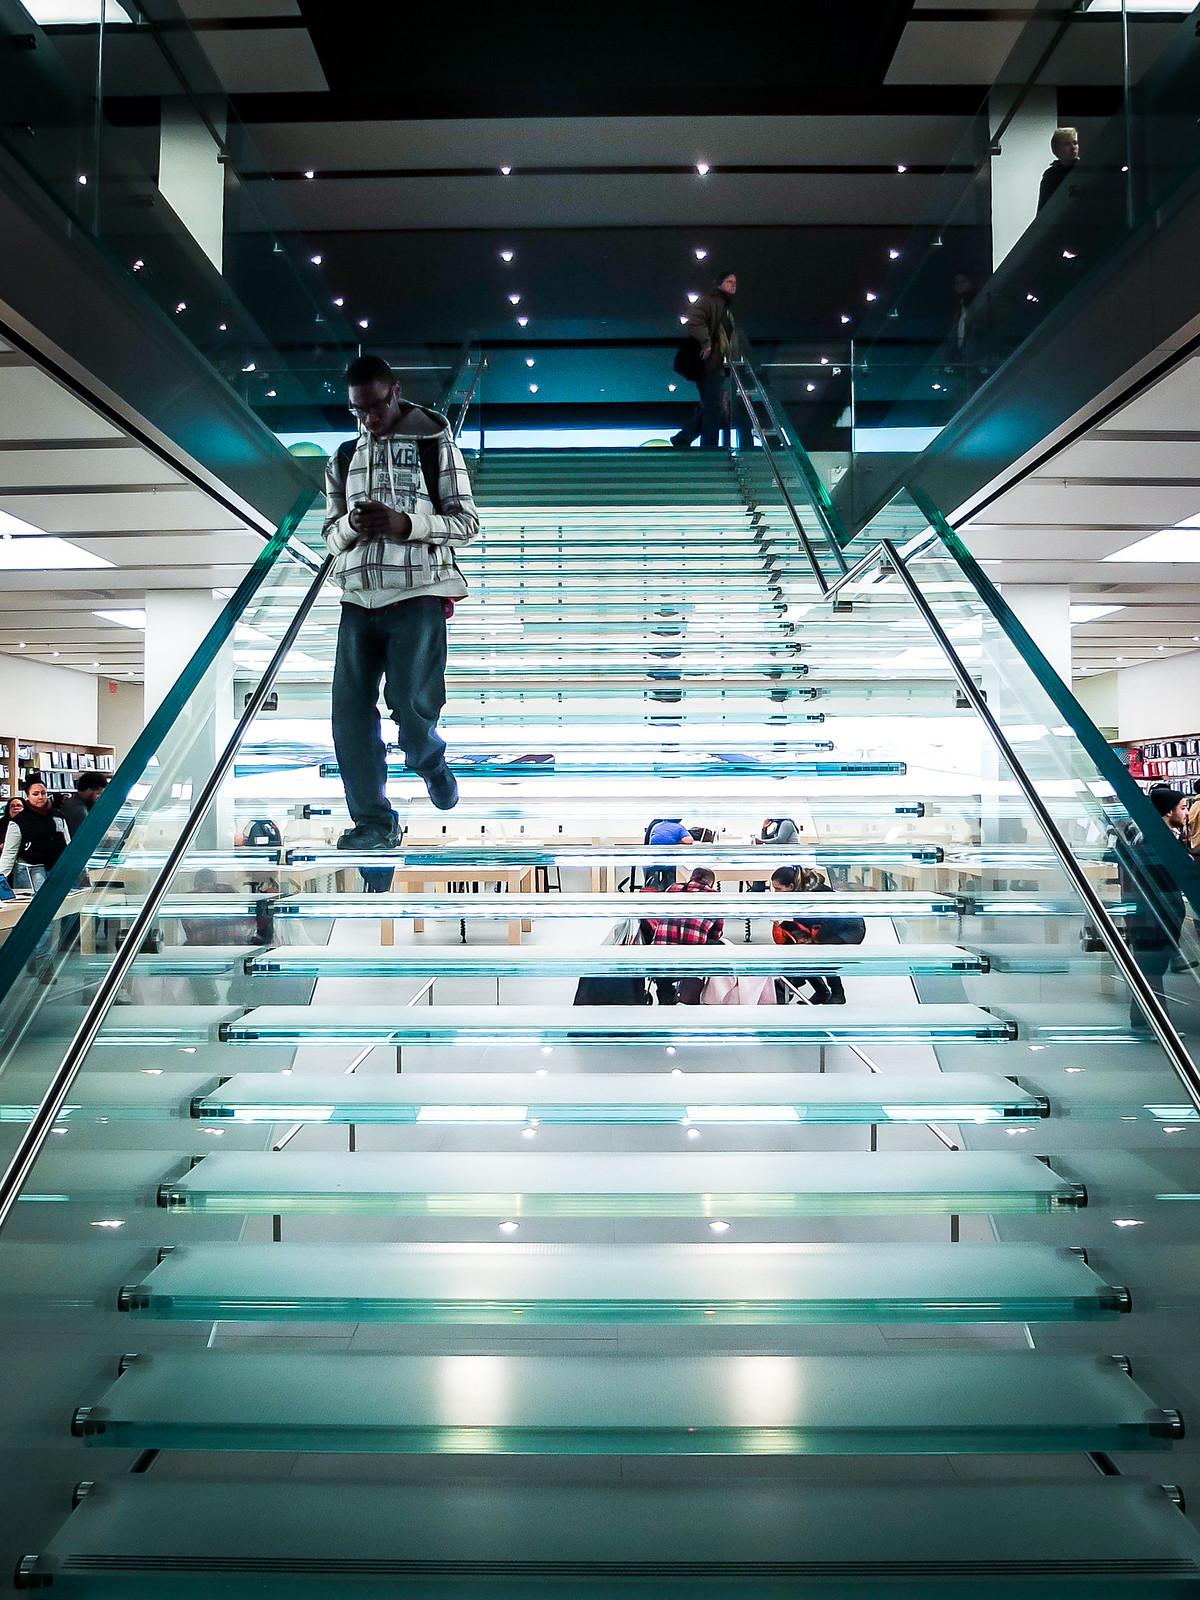 Glass Stairs by wwward0